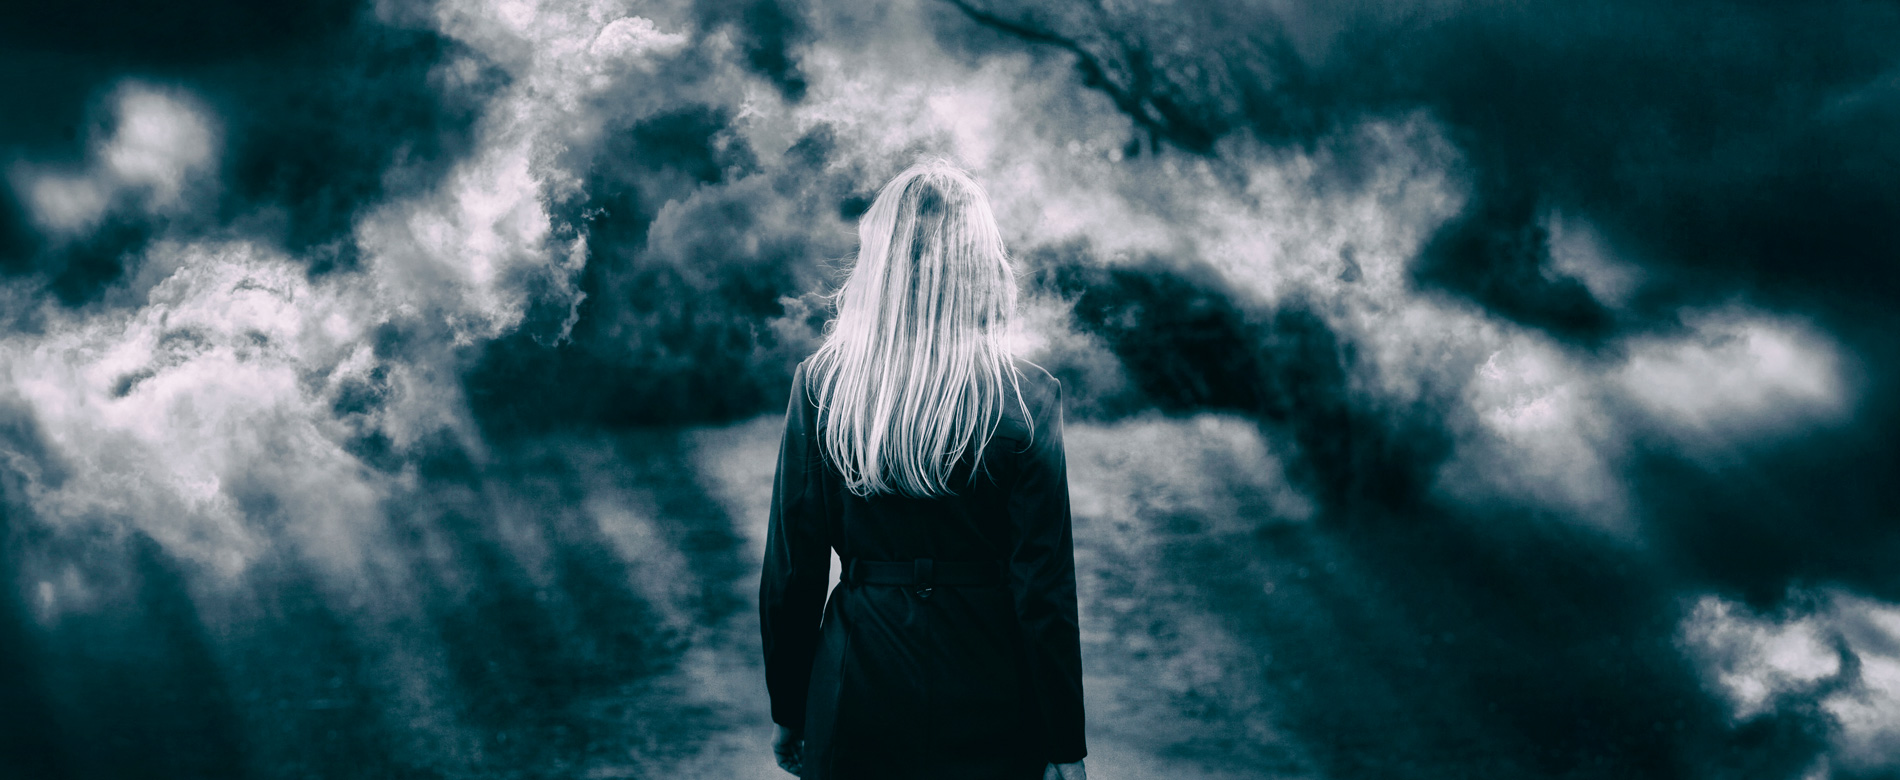 106 – A quem devo temer?